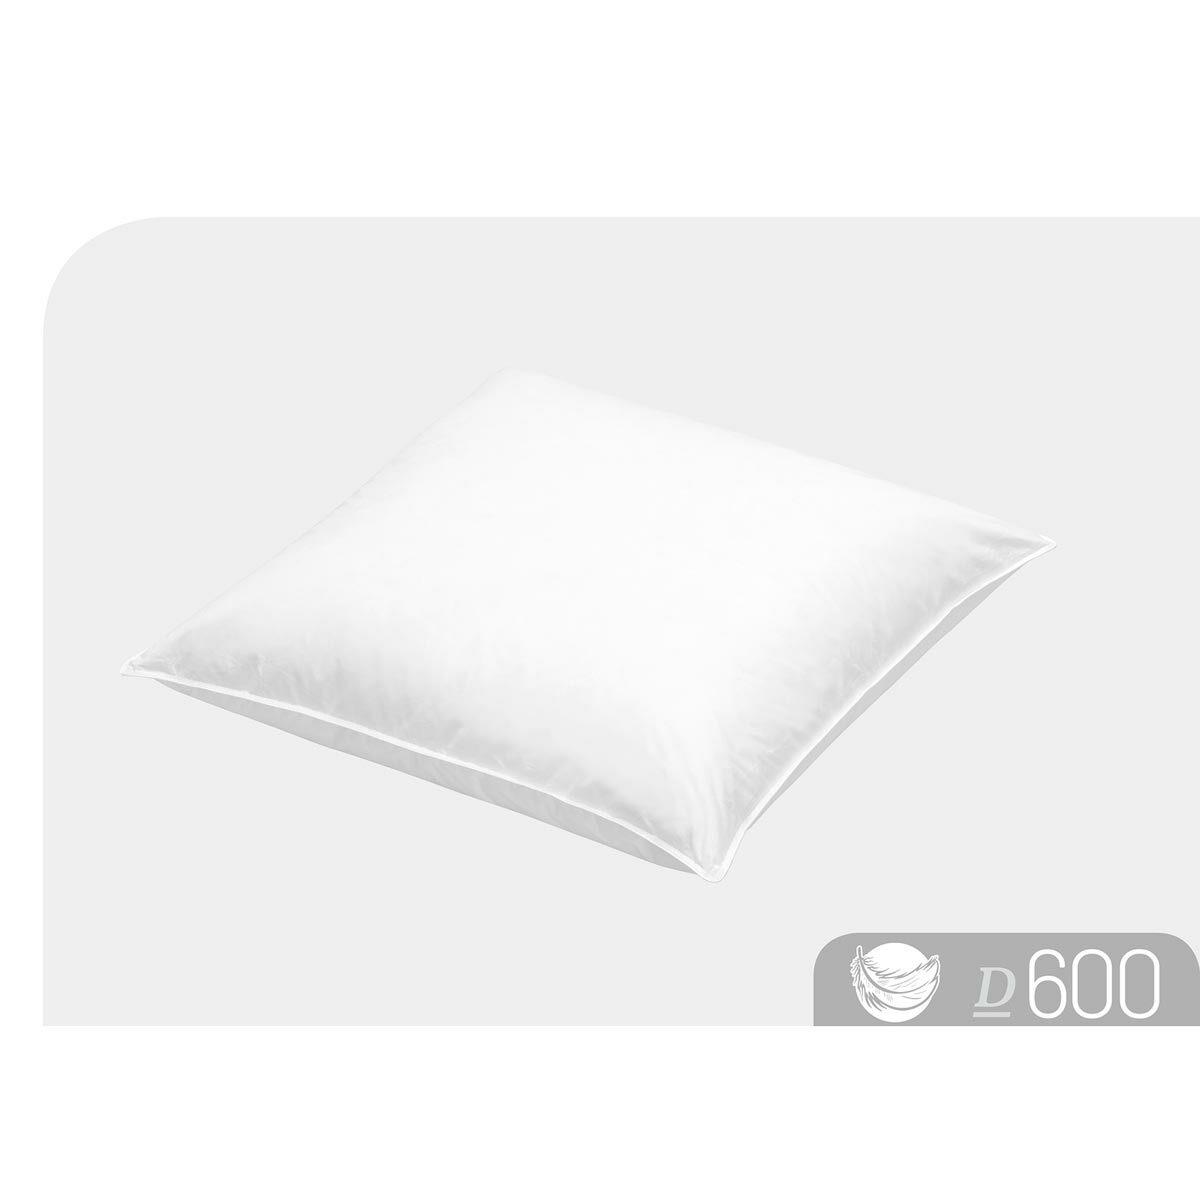 Schlafstil Daunenkissen D600, 90% Daunen, 10% Federn